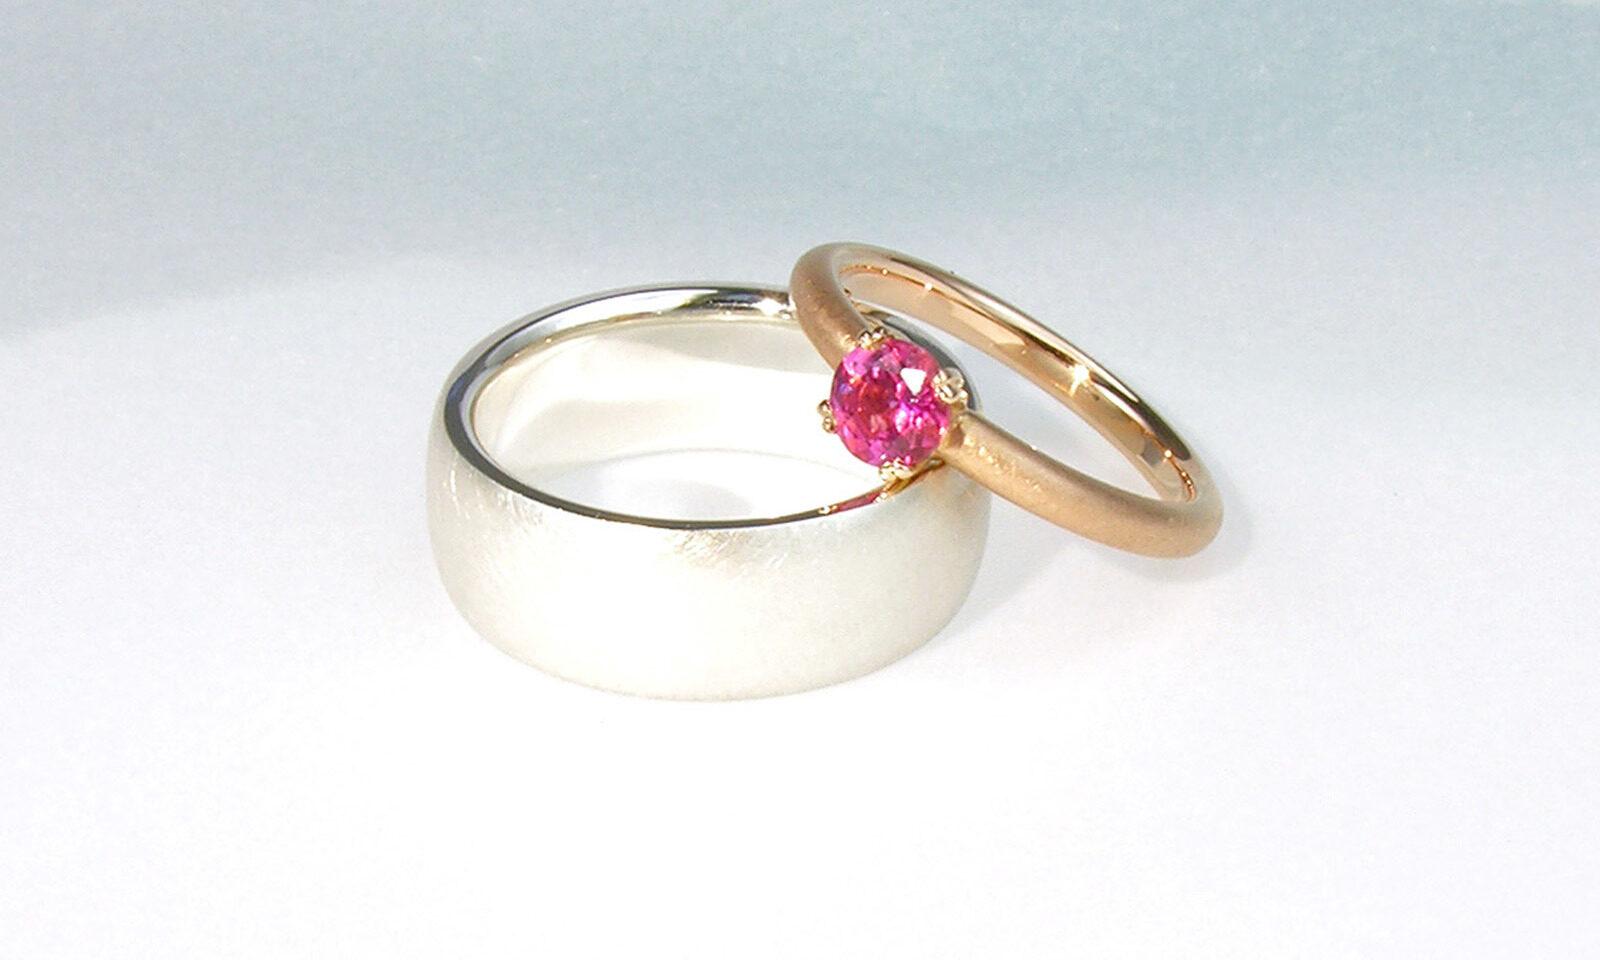 Hochzeitsringe Silber Turmalin. Eheringe Silber 925 und Rotgold 750 mit Turmalin, individuelle Anfertigung für Kunden